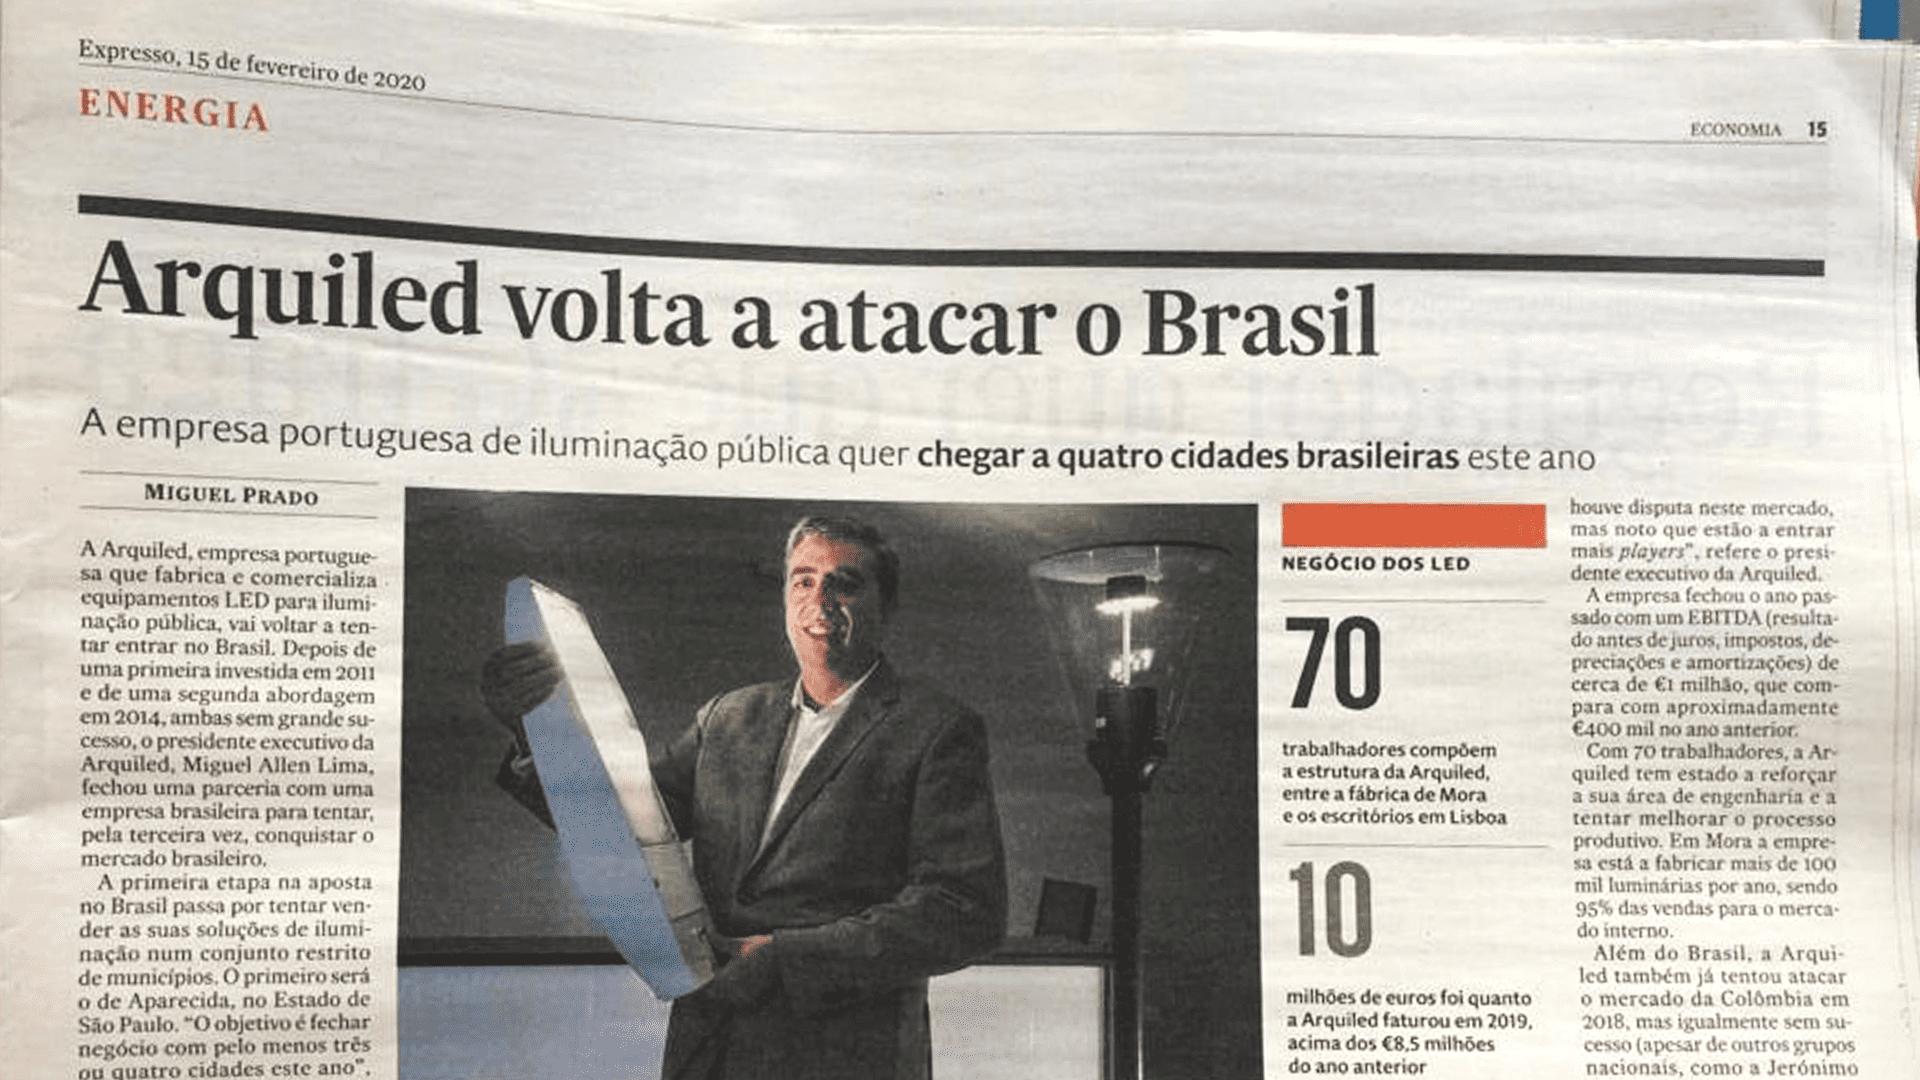 Arquiled volta a atacar no Brasil - Semanário expresso